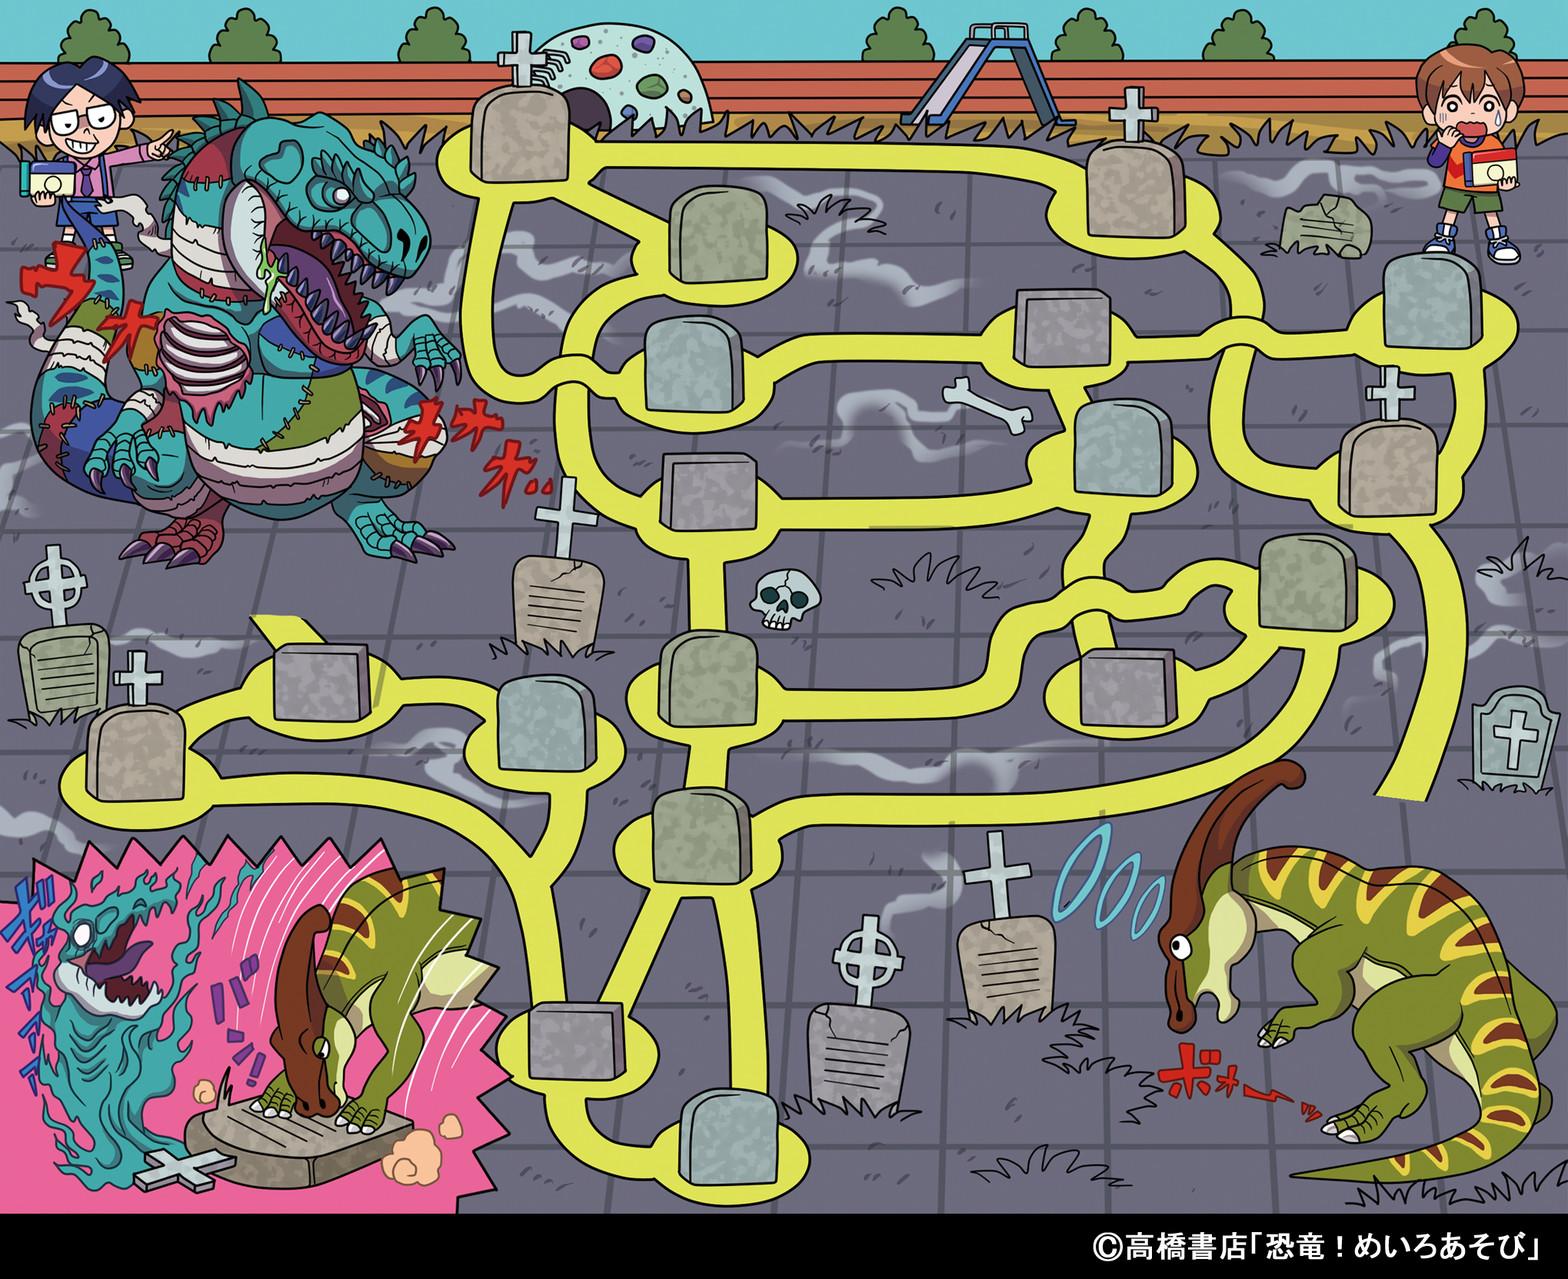 パラサウロロフスvs.ゾンビ恐竜!